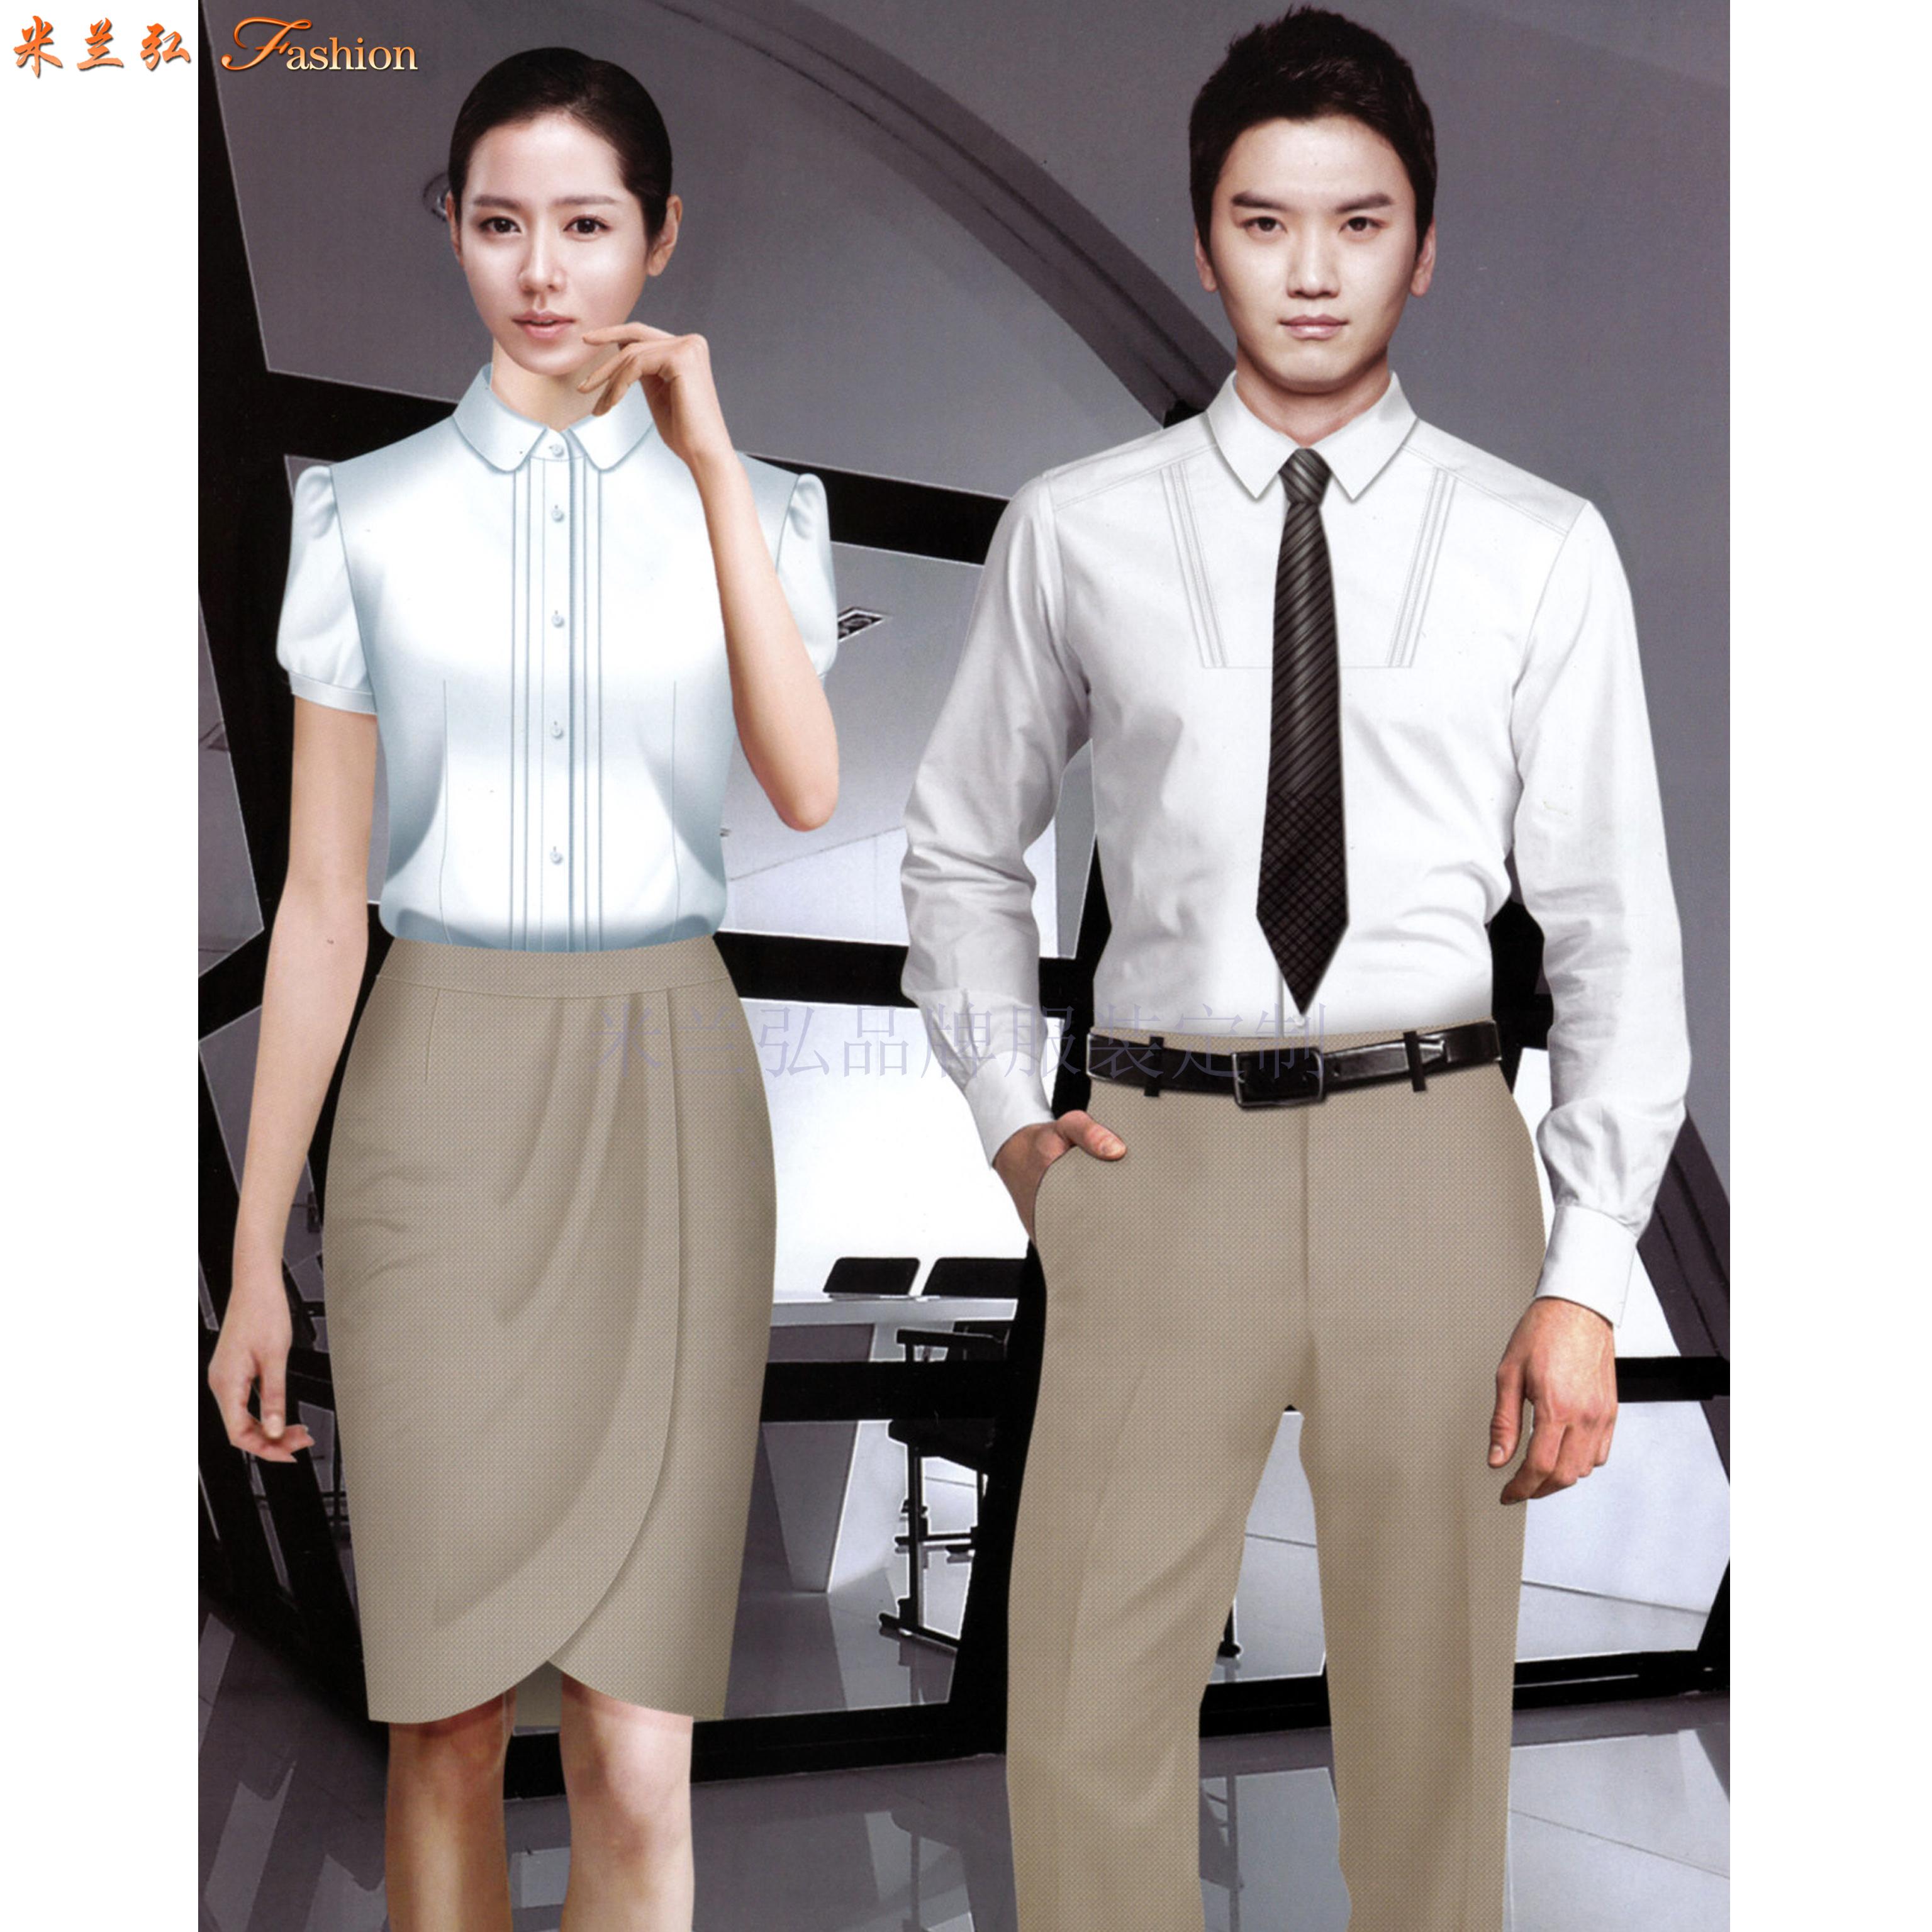 「男式襯衫訂制」「女士襯衫定做」工作服襯衫定制工廠-米蘭弘-3